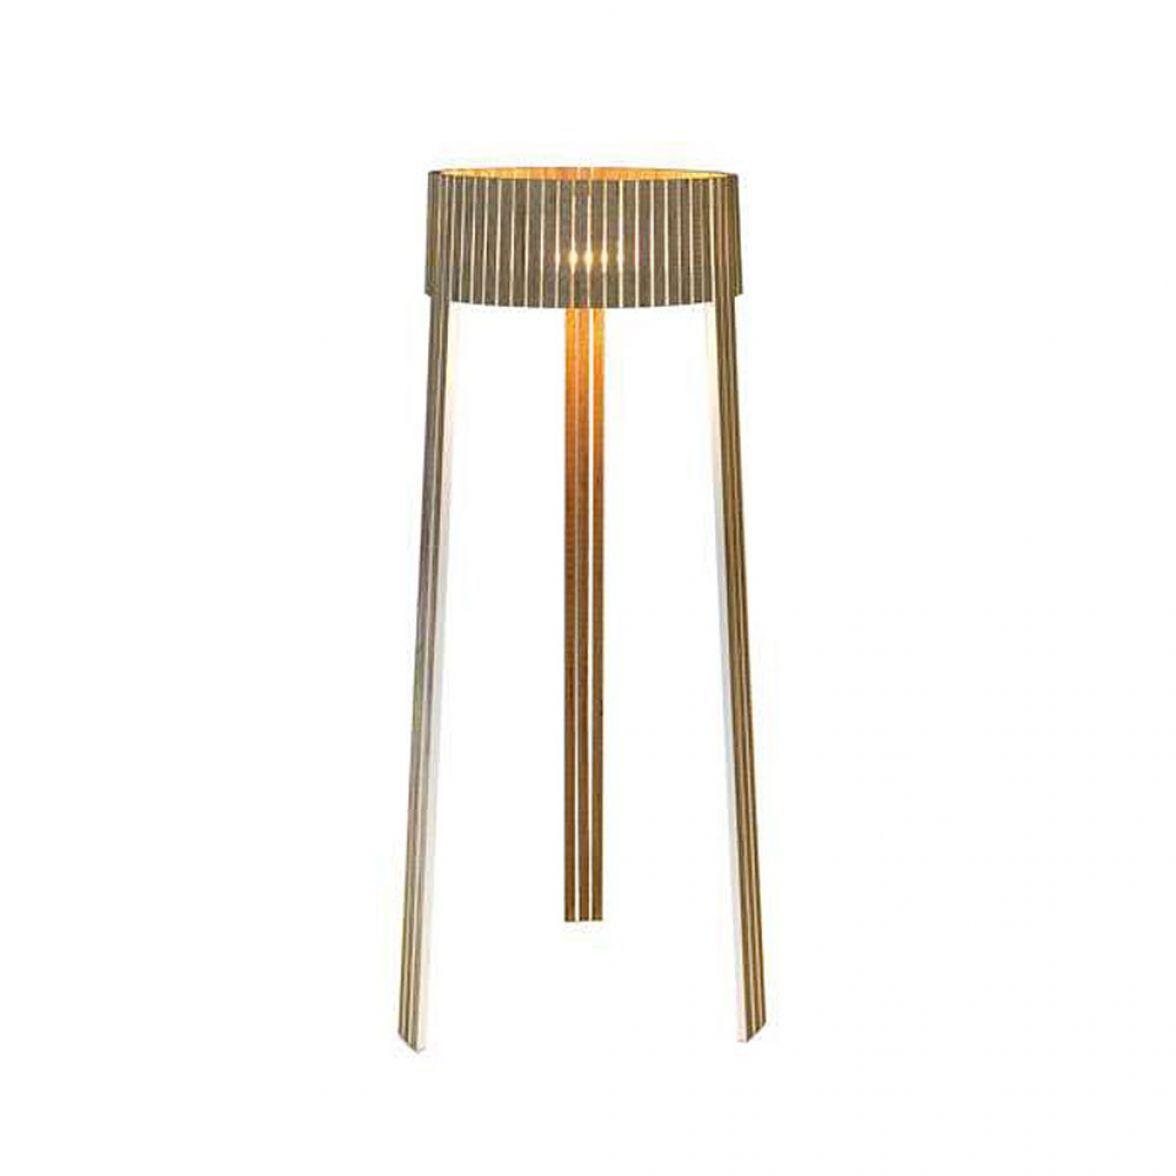 Напольный светильник Shio фото цена